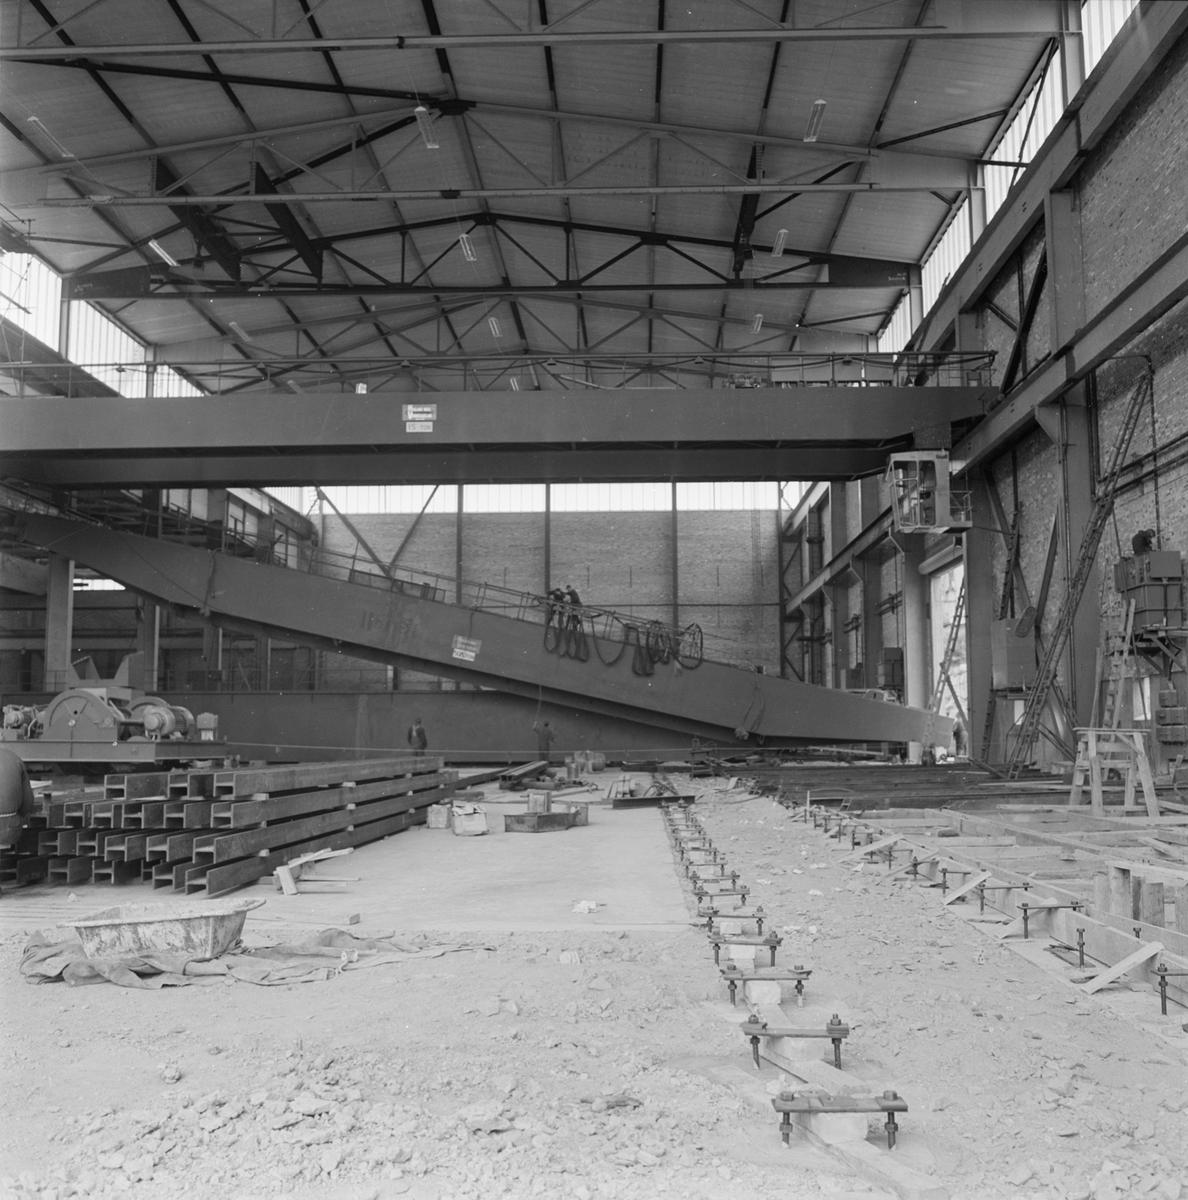 Övrigt: Fotodatum:24/7 1963 Byggnader och Kranar. Nyb. området lyft av 50 tons travers